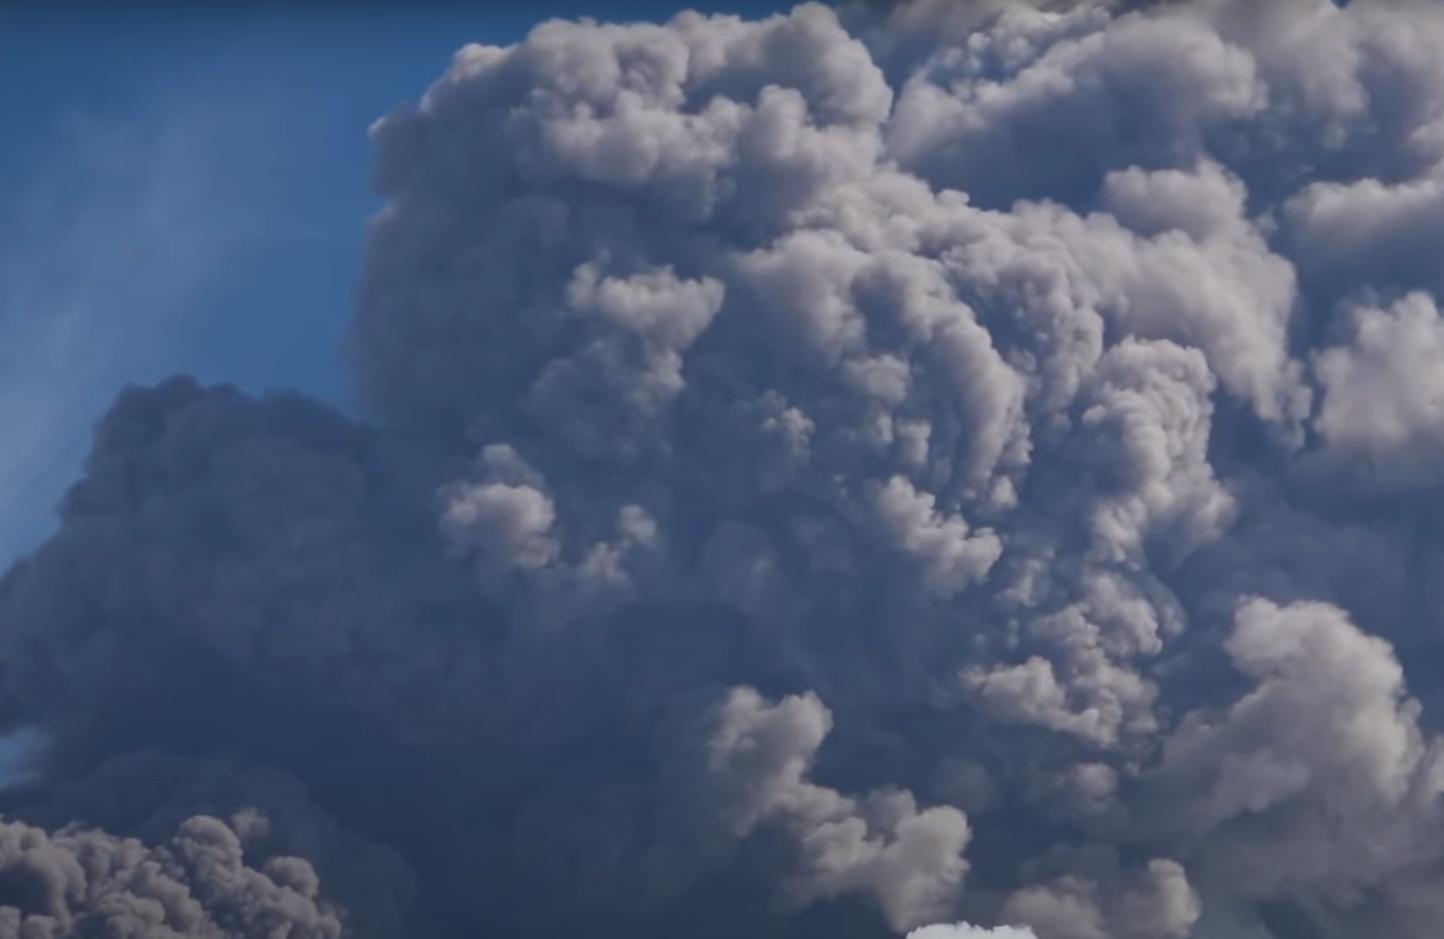 Вулкан выбросил огромный столб пепла в небо.